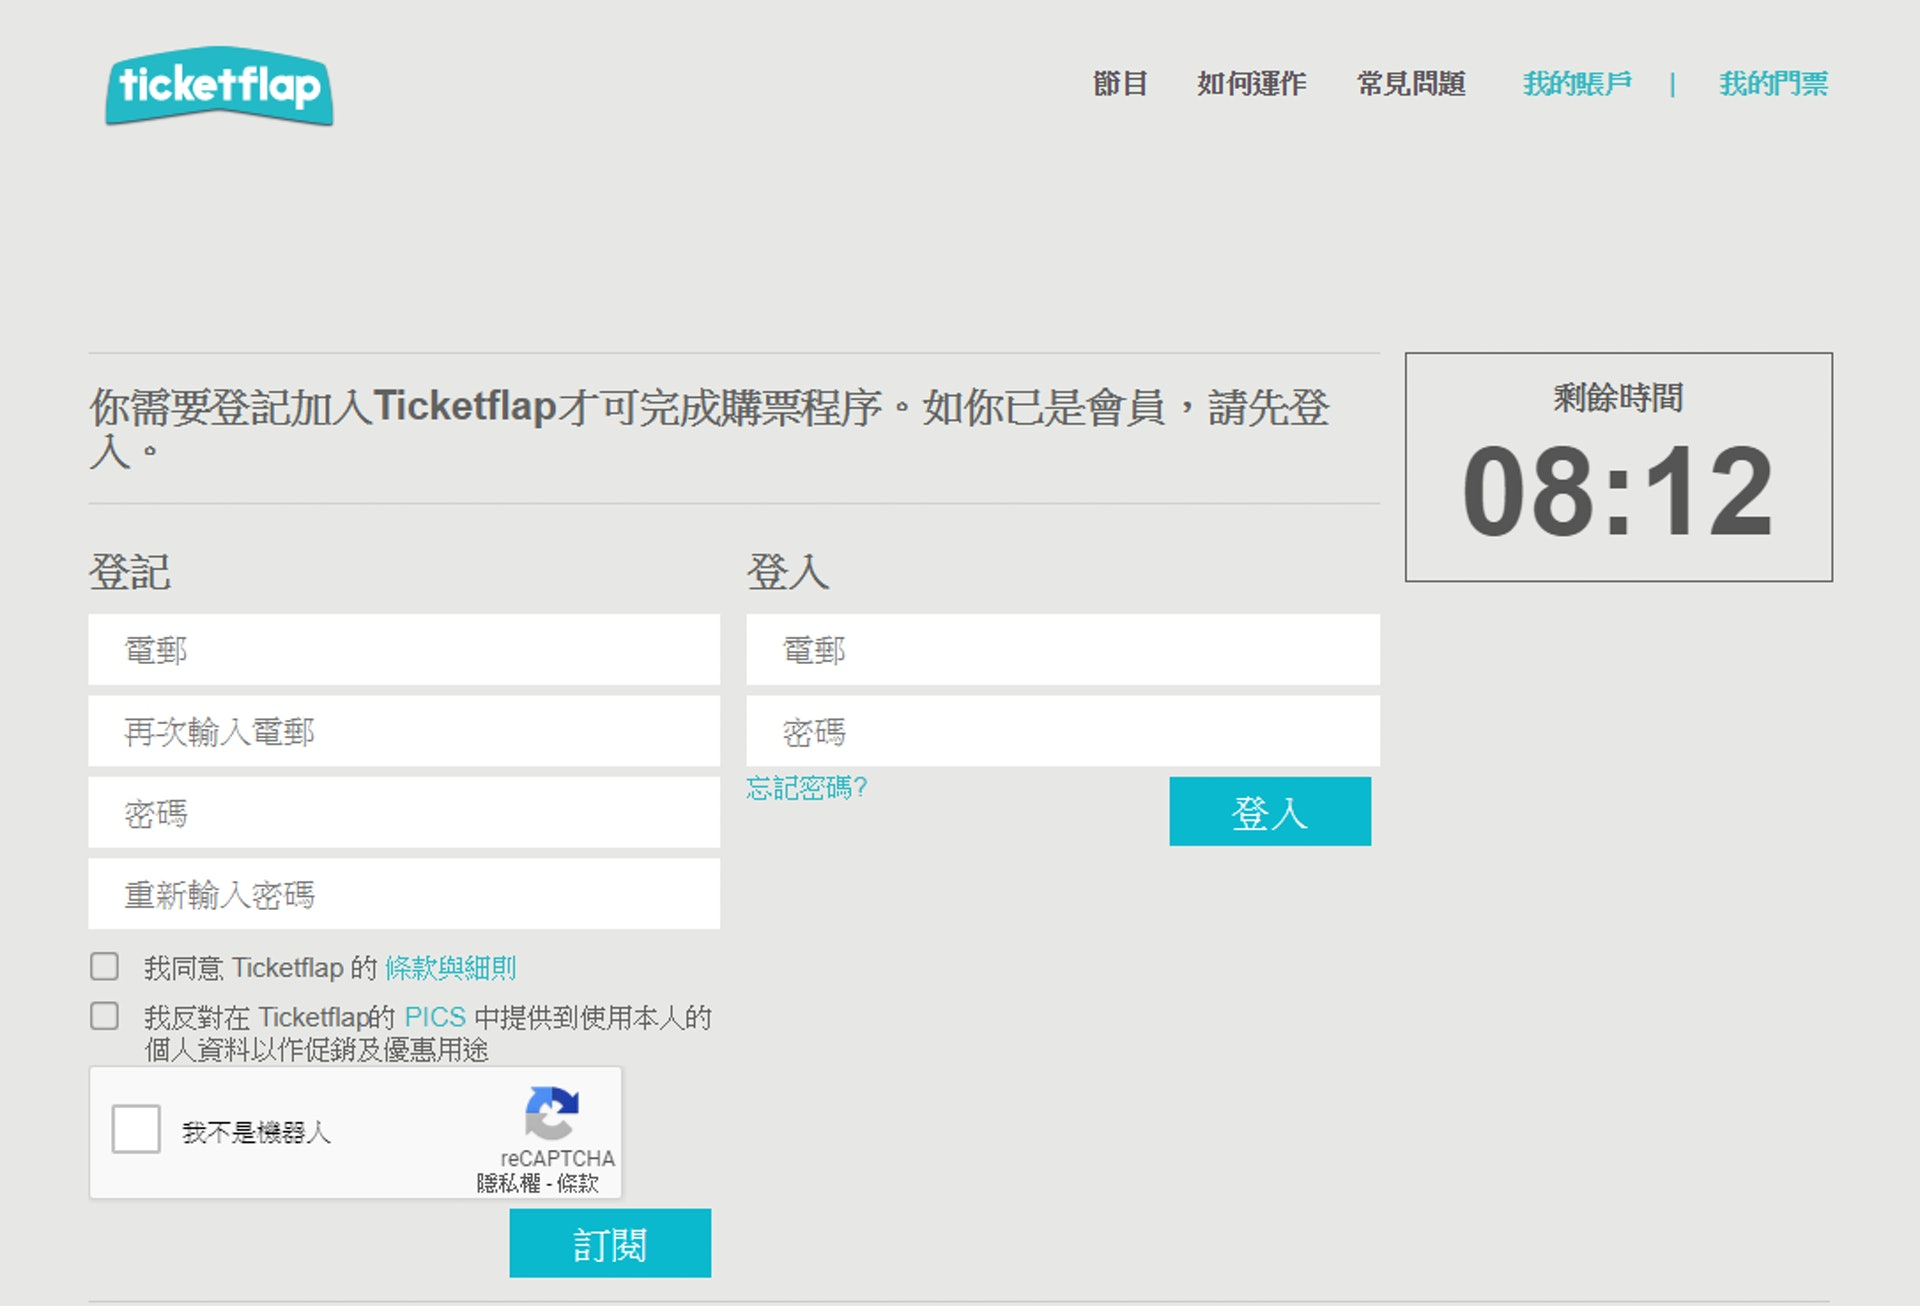 註冊成為 ticketflap 會員(ticketflap 官網截圖)